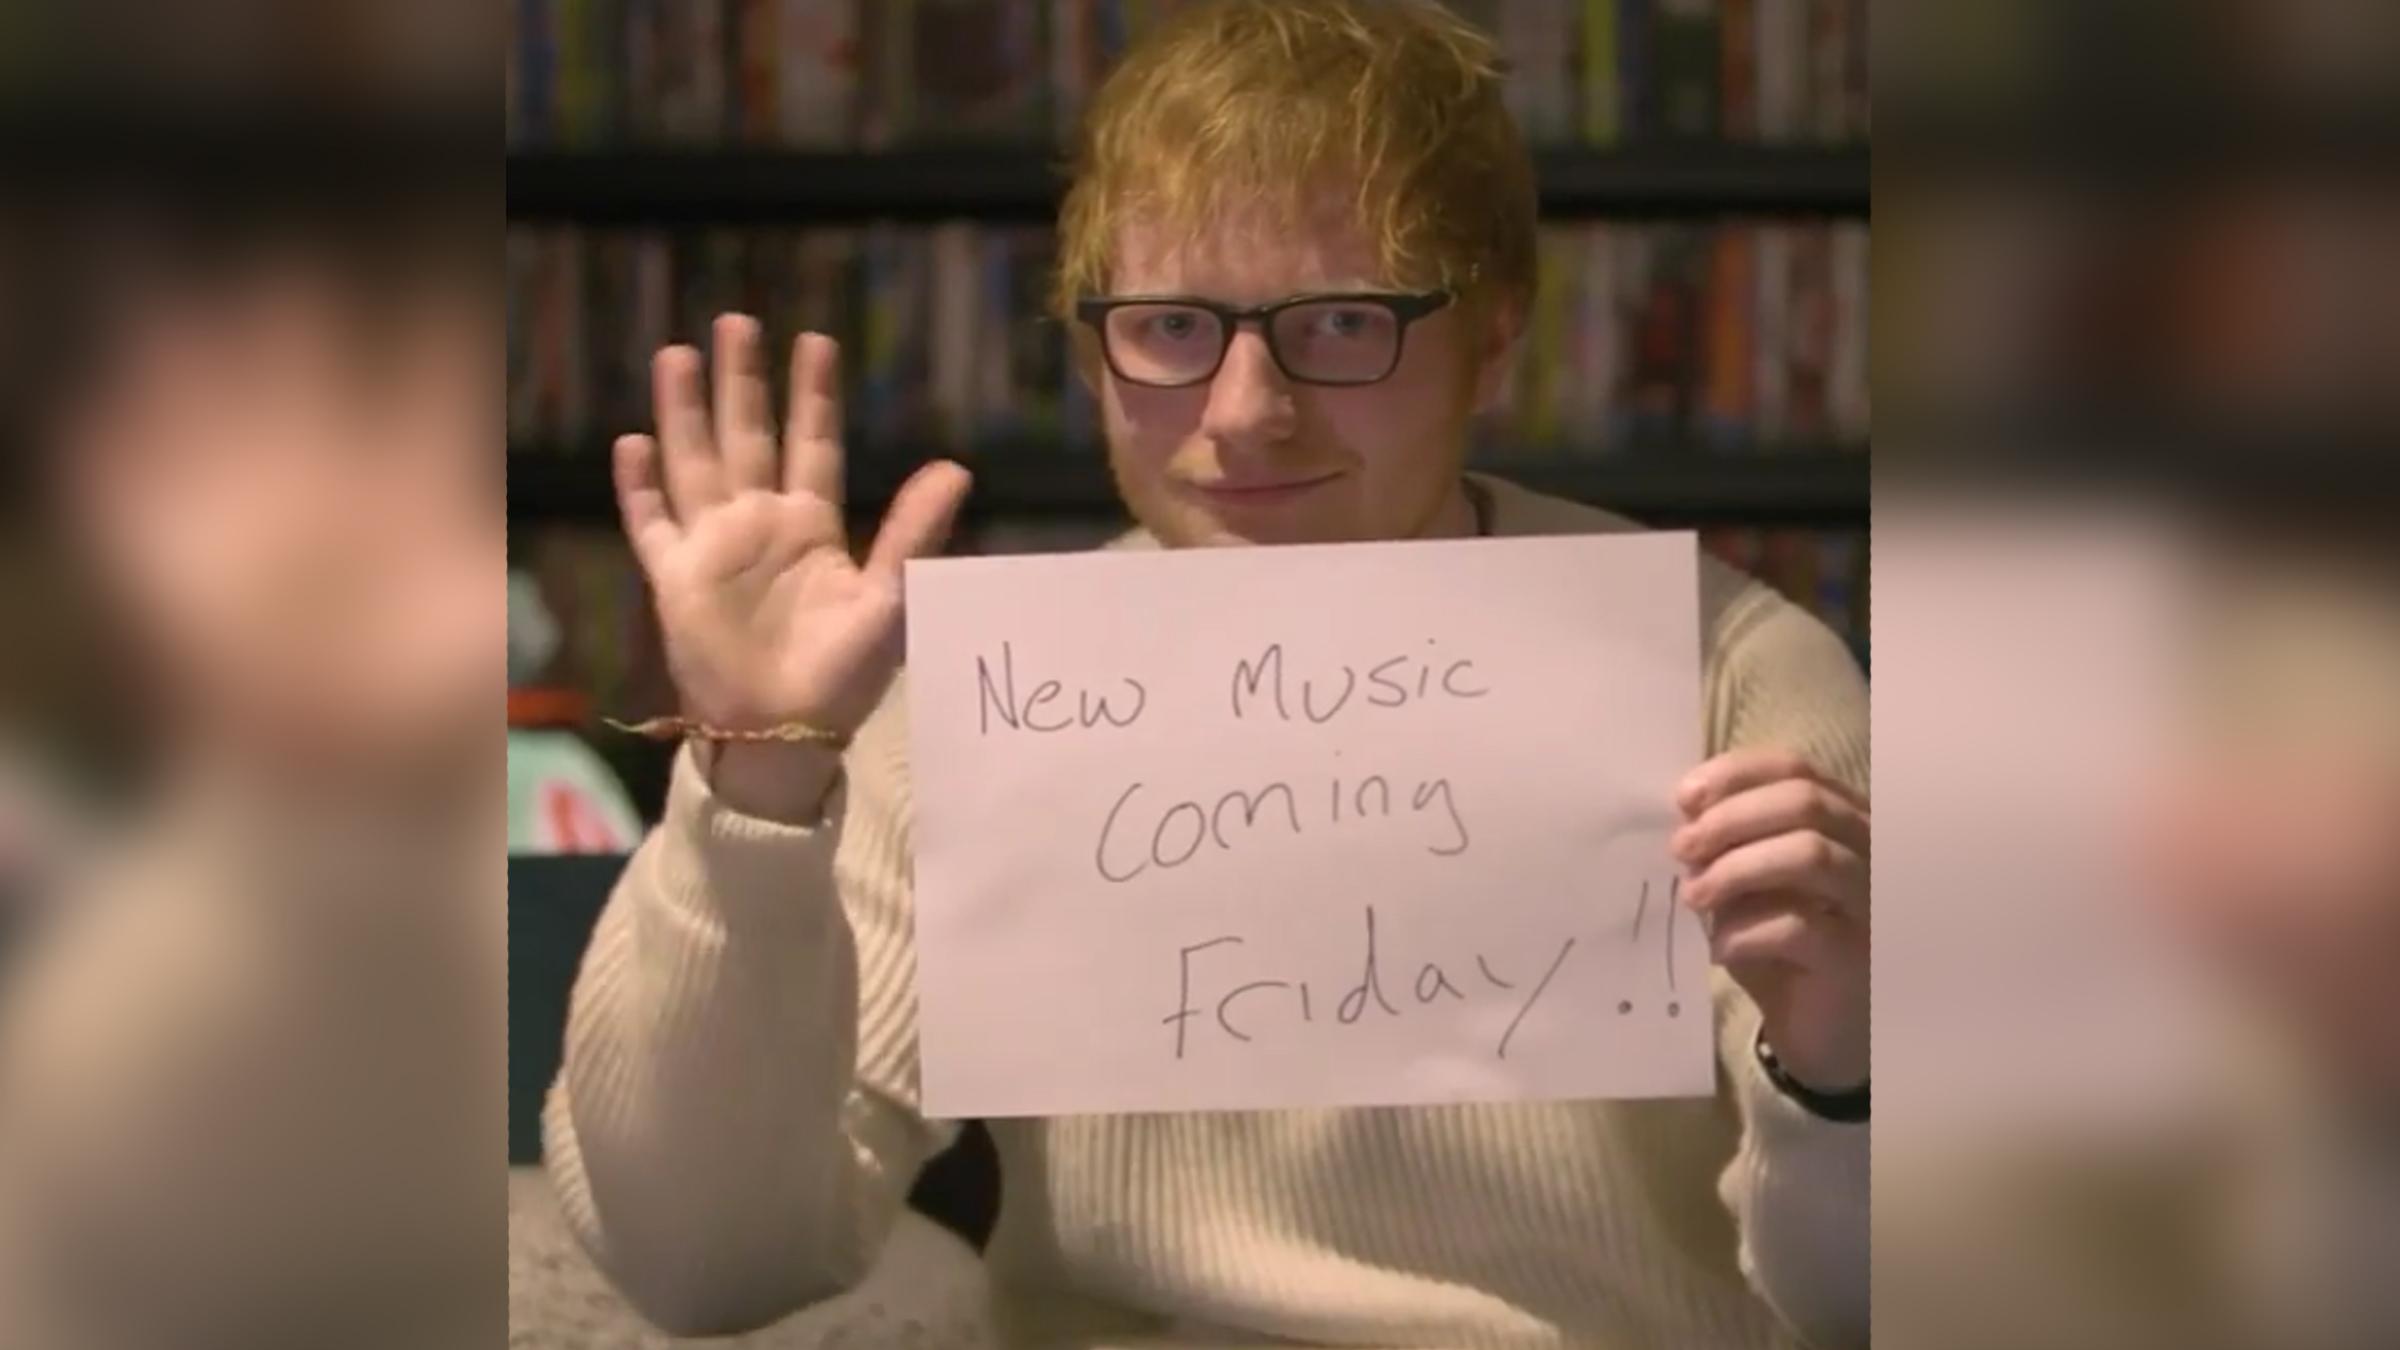 Ed newmusic teaser